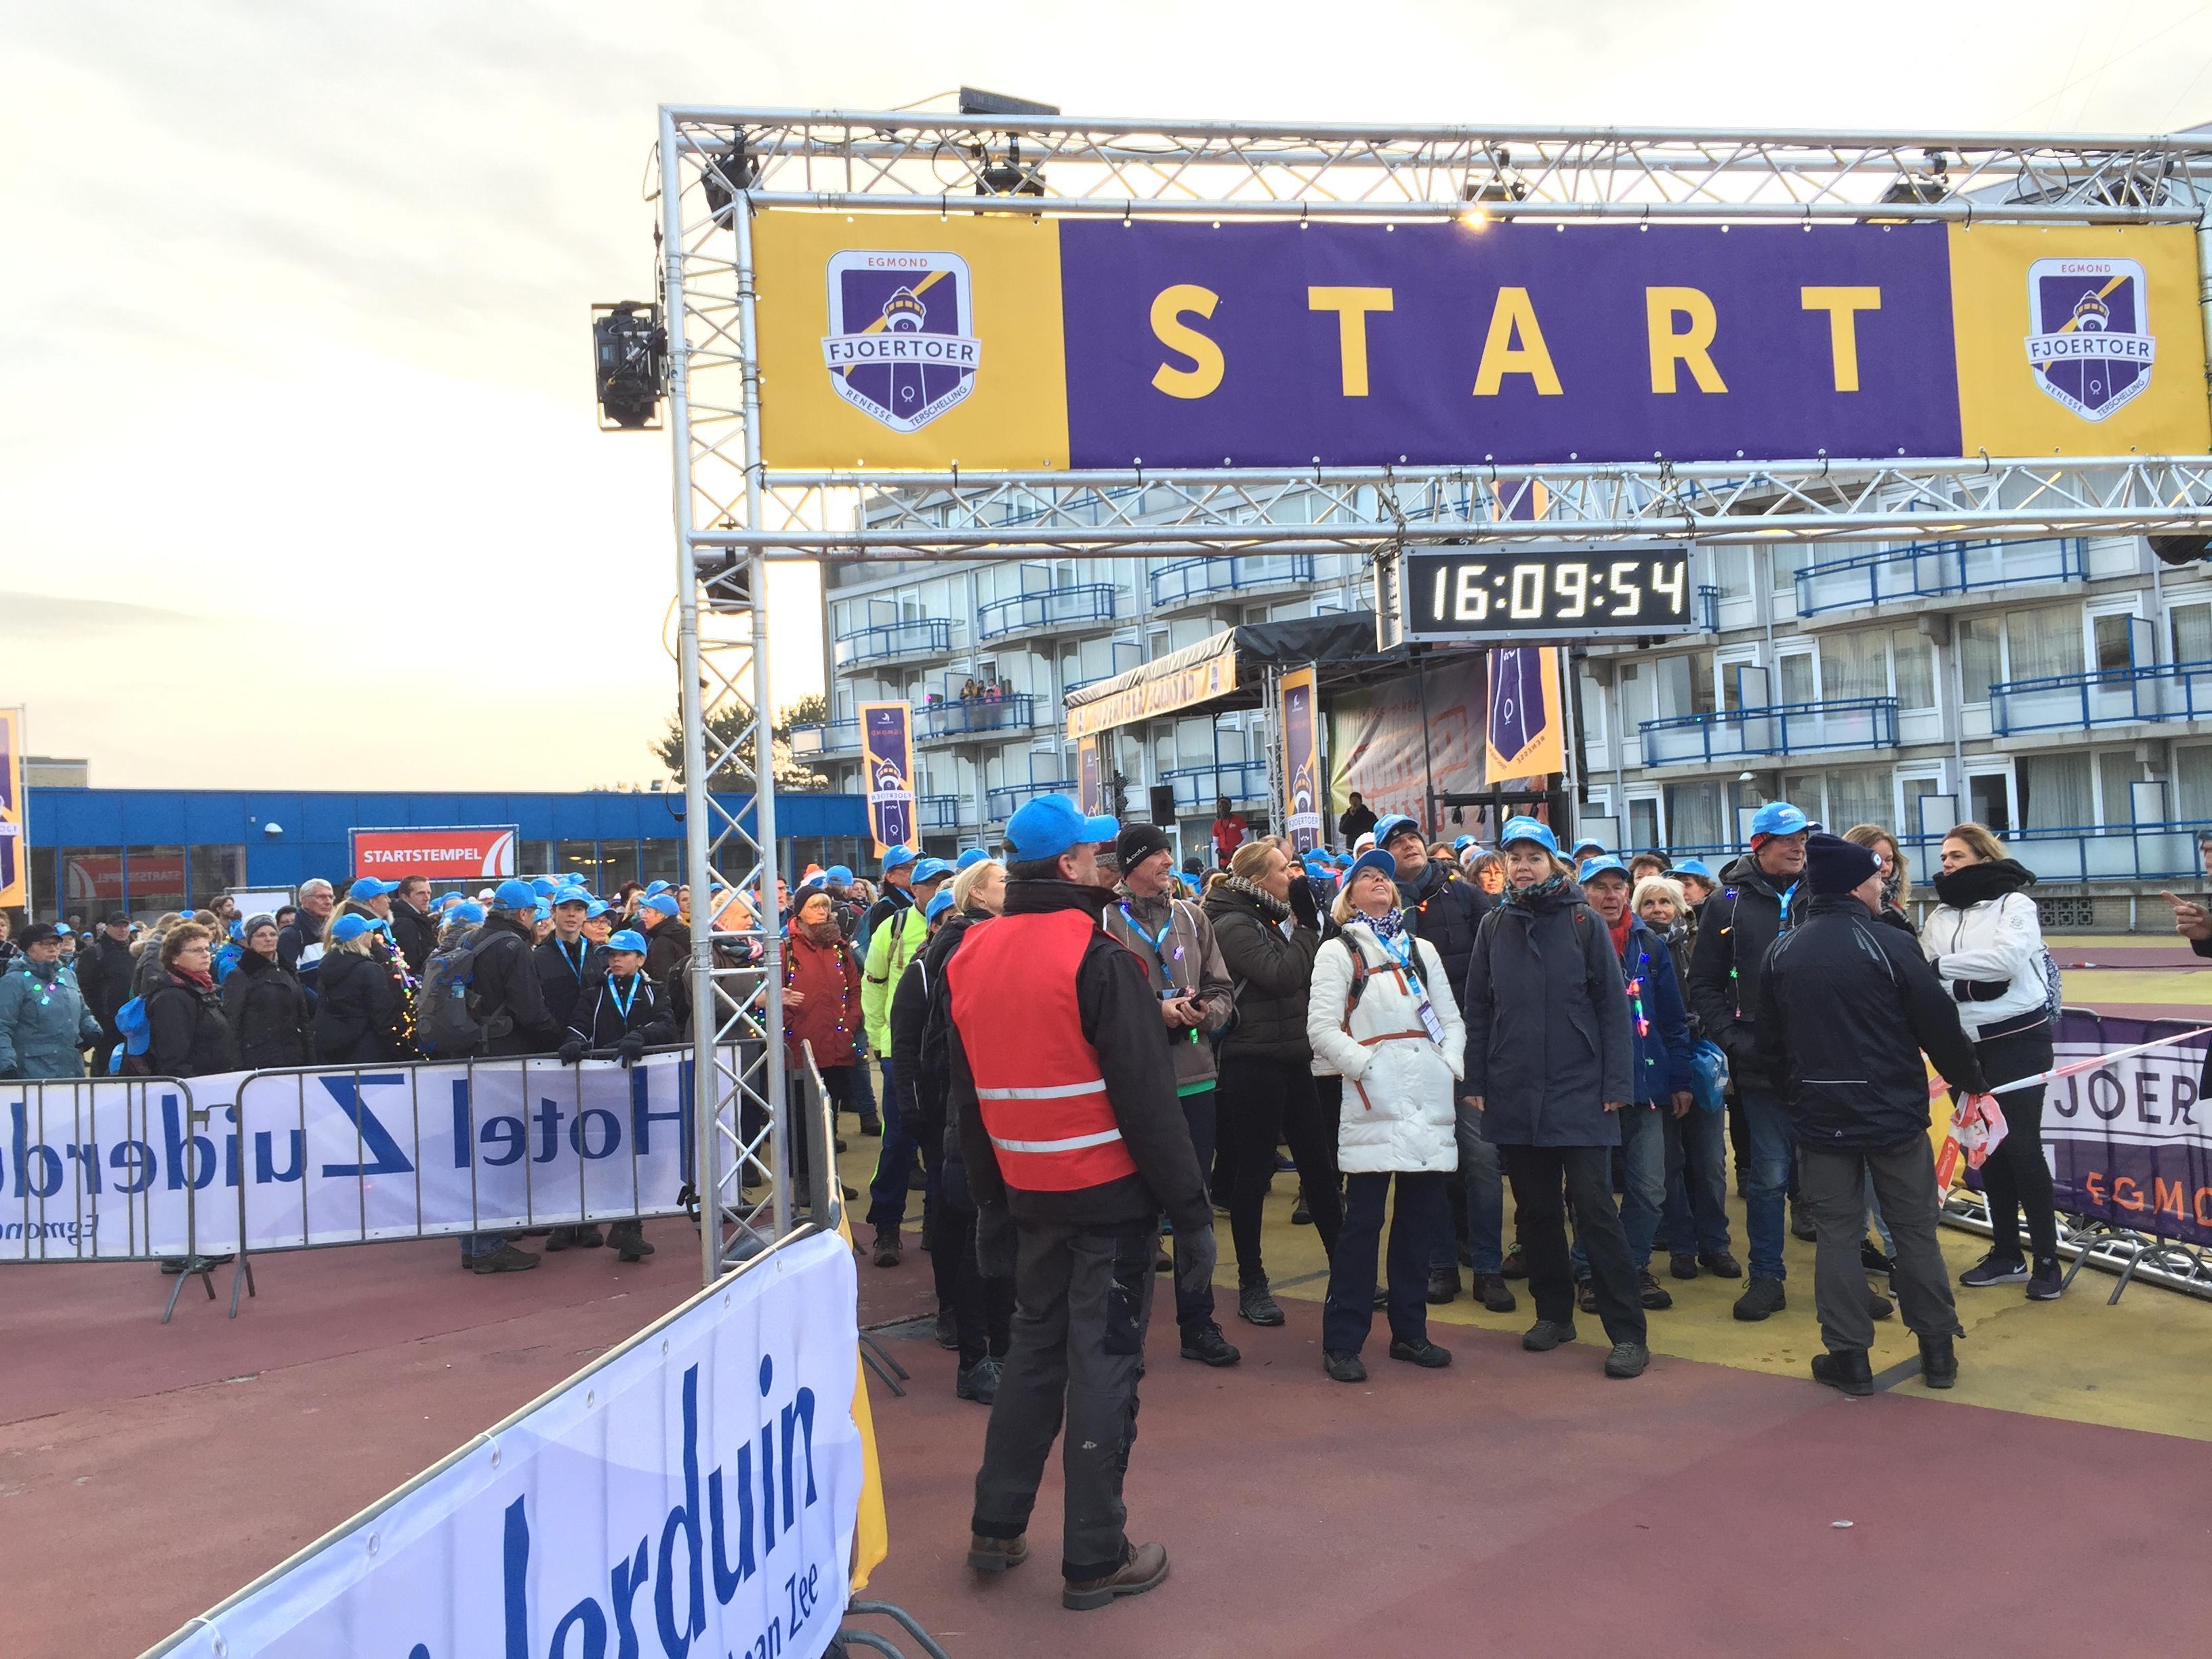 Duizenden lopen zesde Fjoertoer in Egmond aan Zee [video]